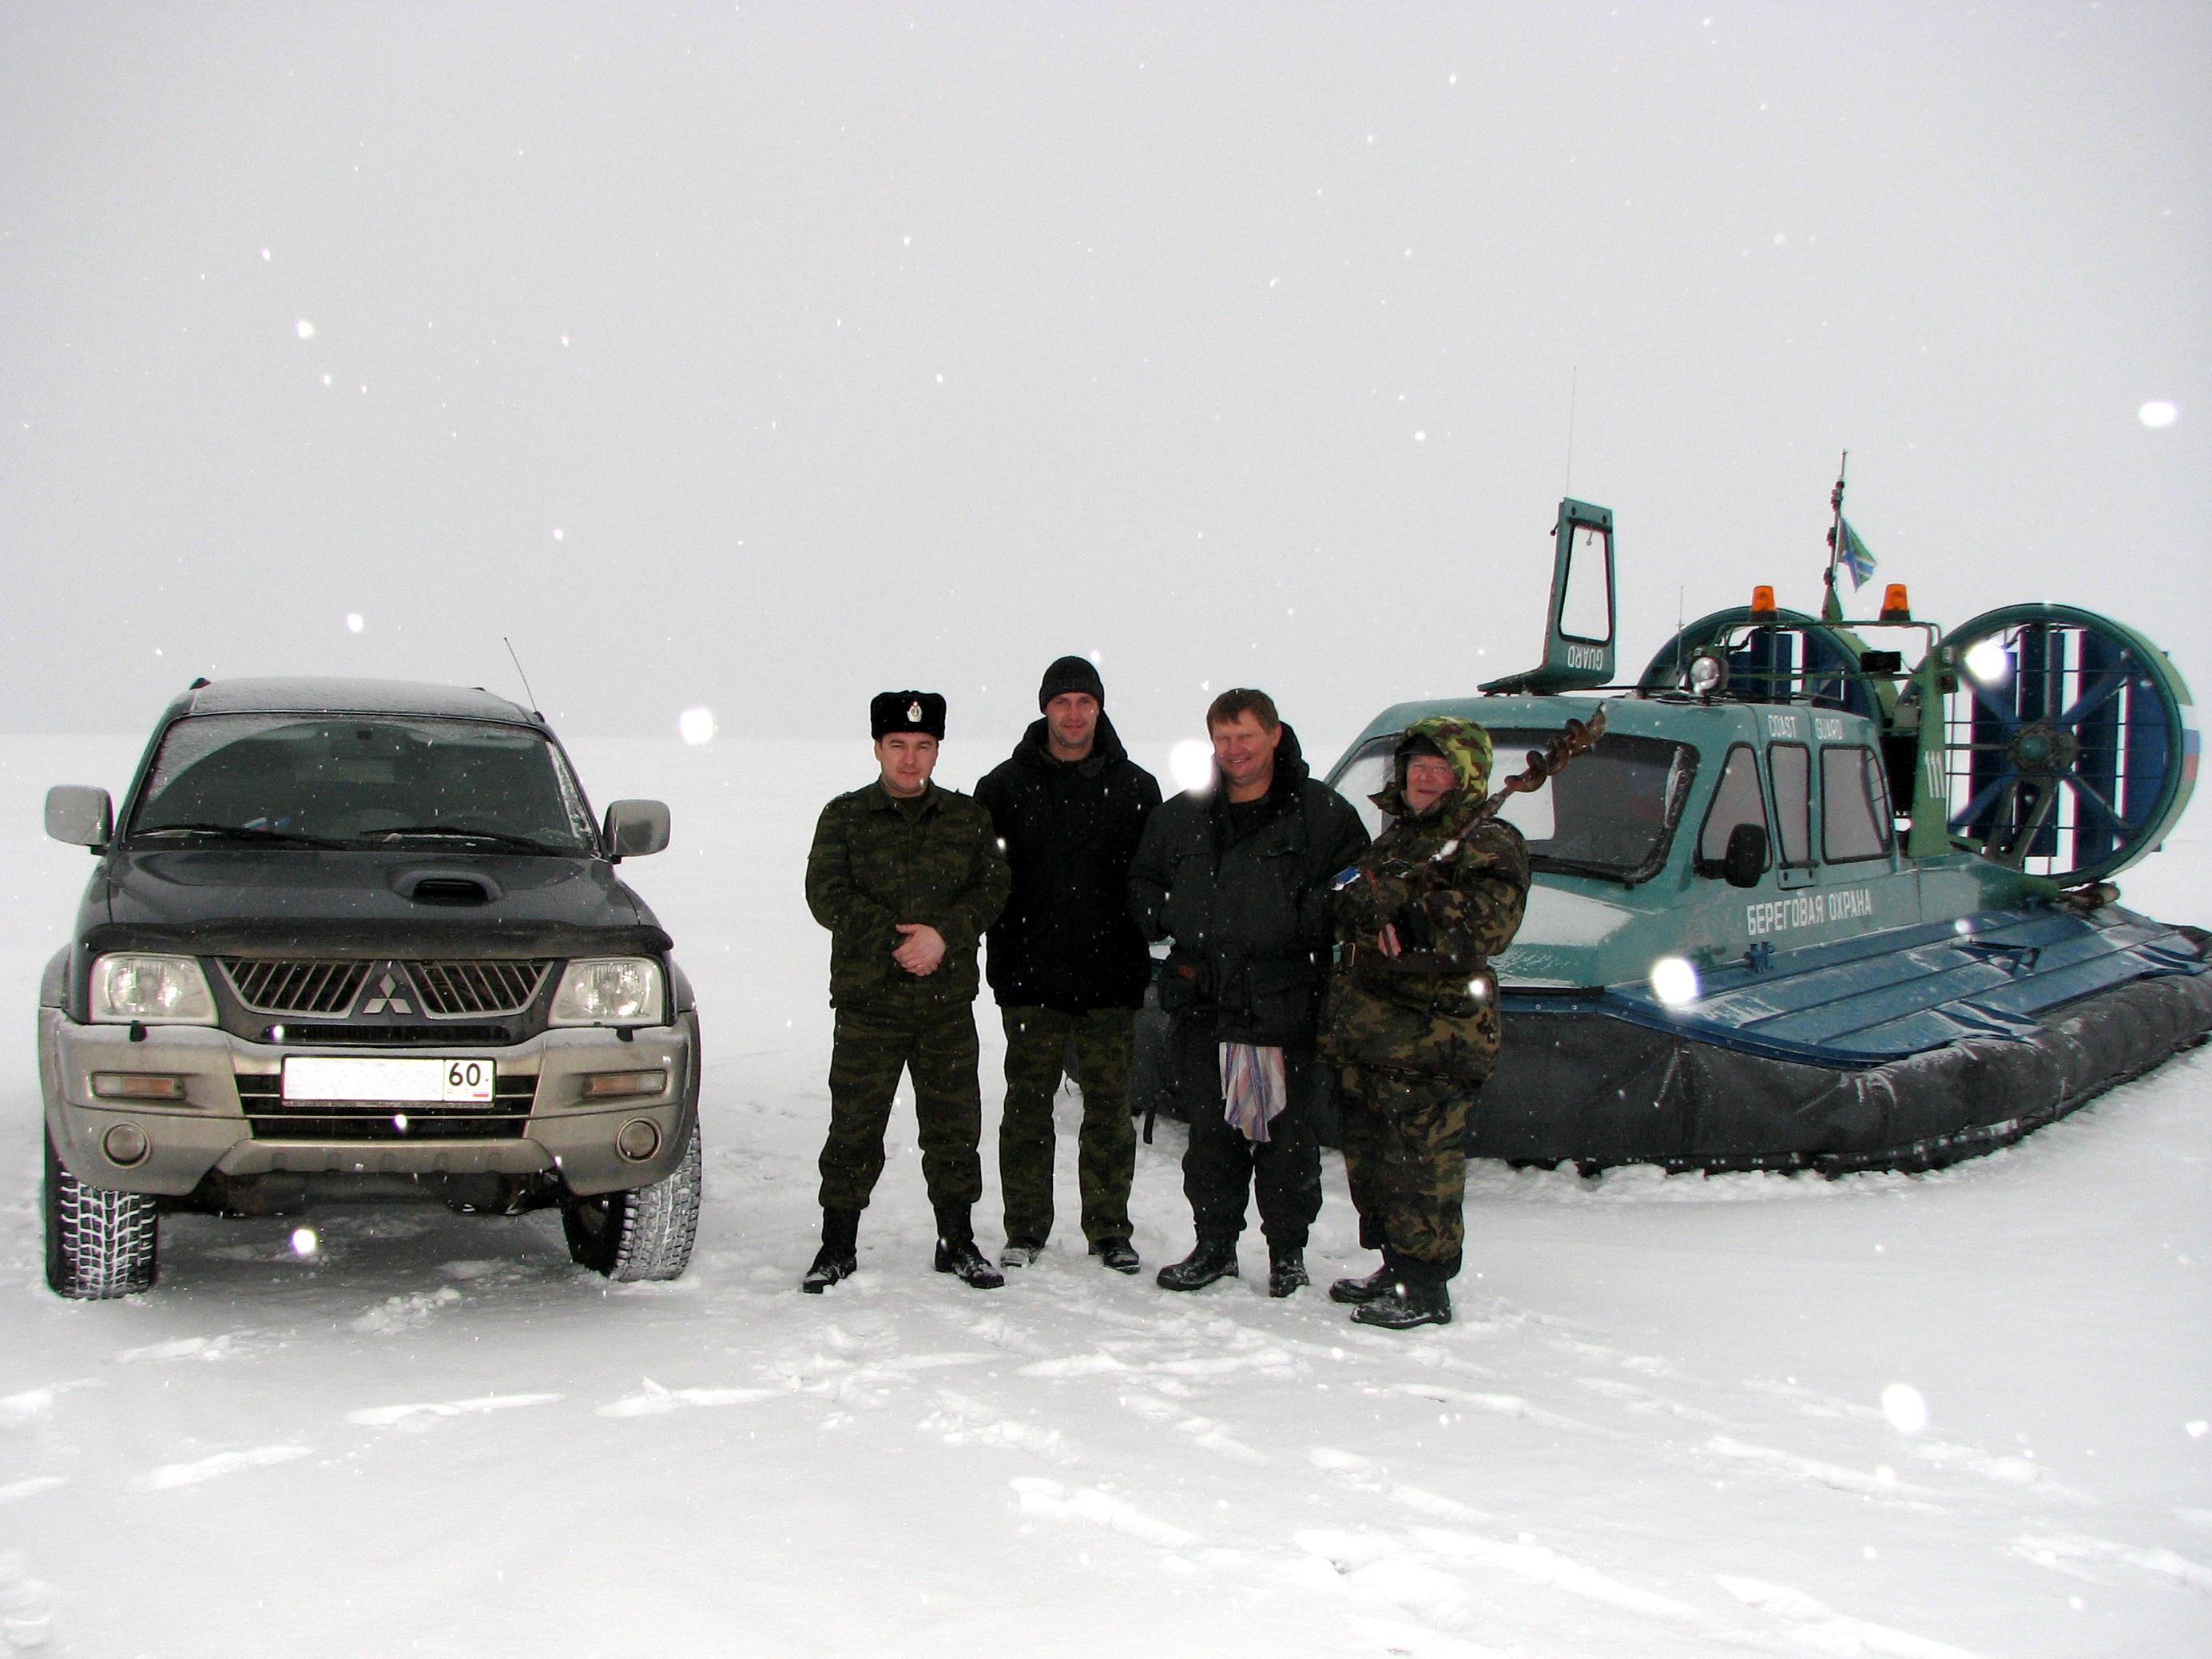 Выезд на лёд Псковского, Тёплого и Чудского озёр пограничники строго пресекают. Фото автора.